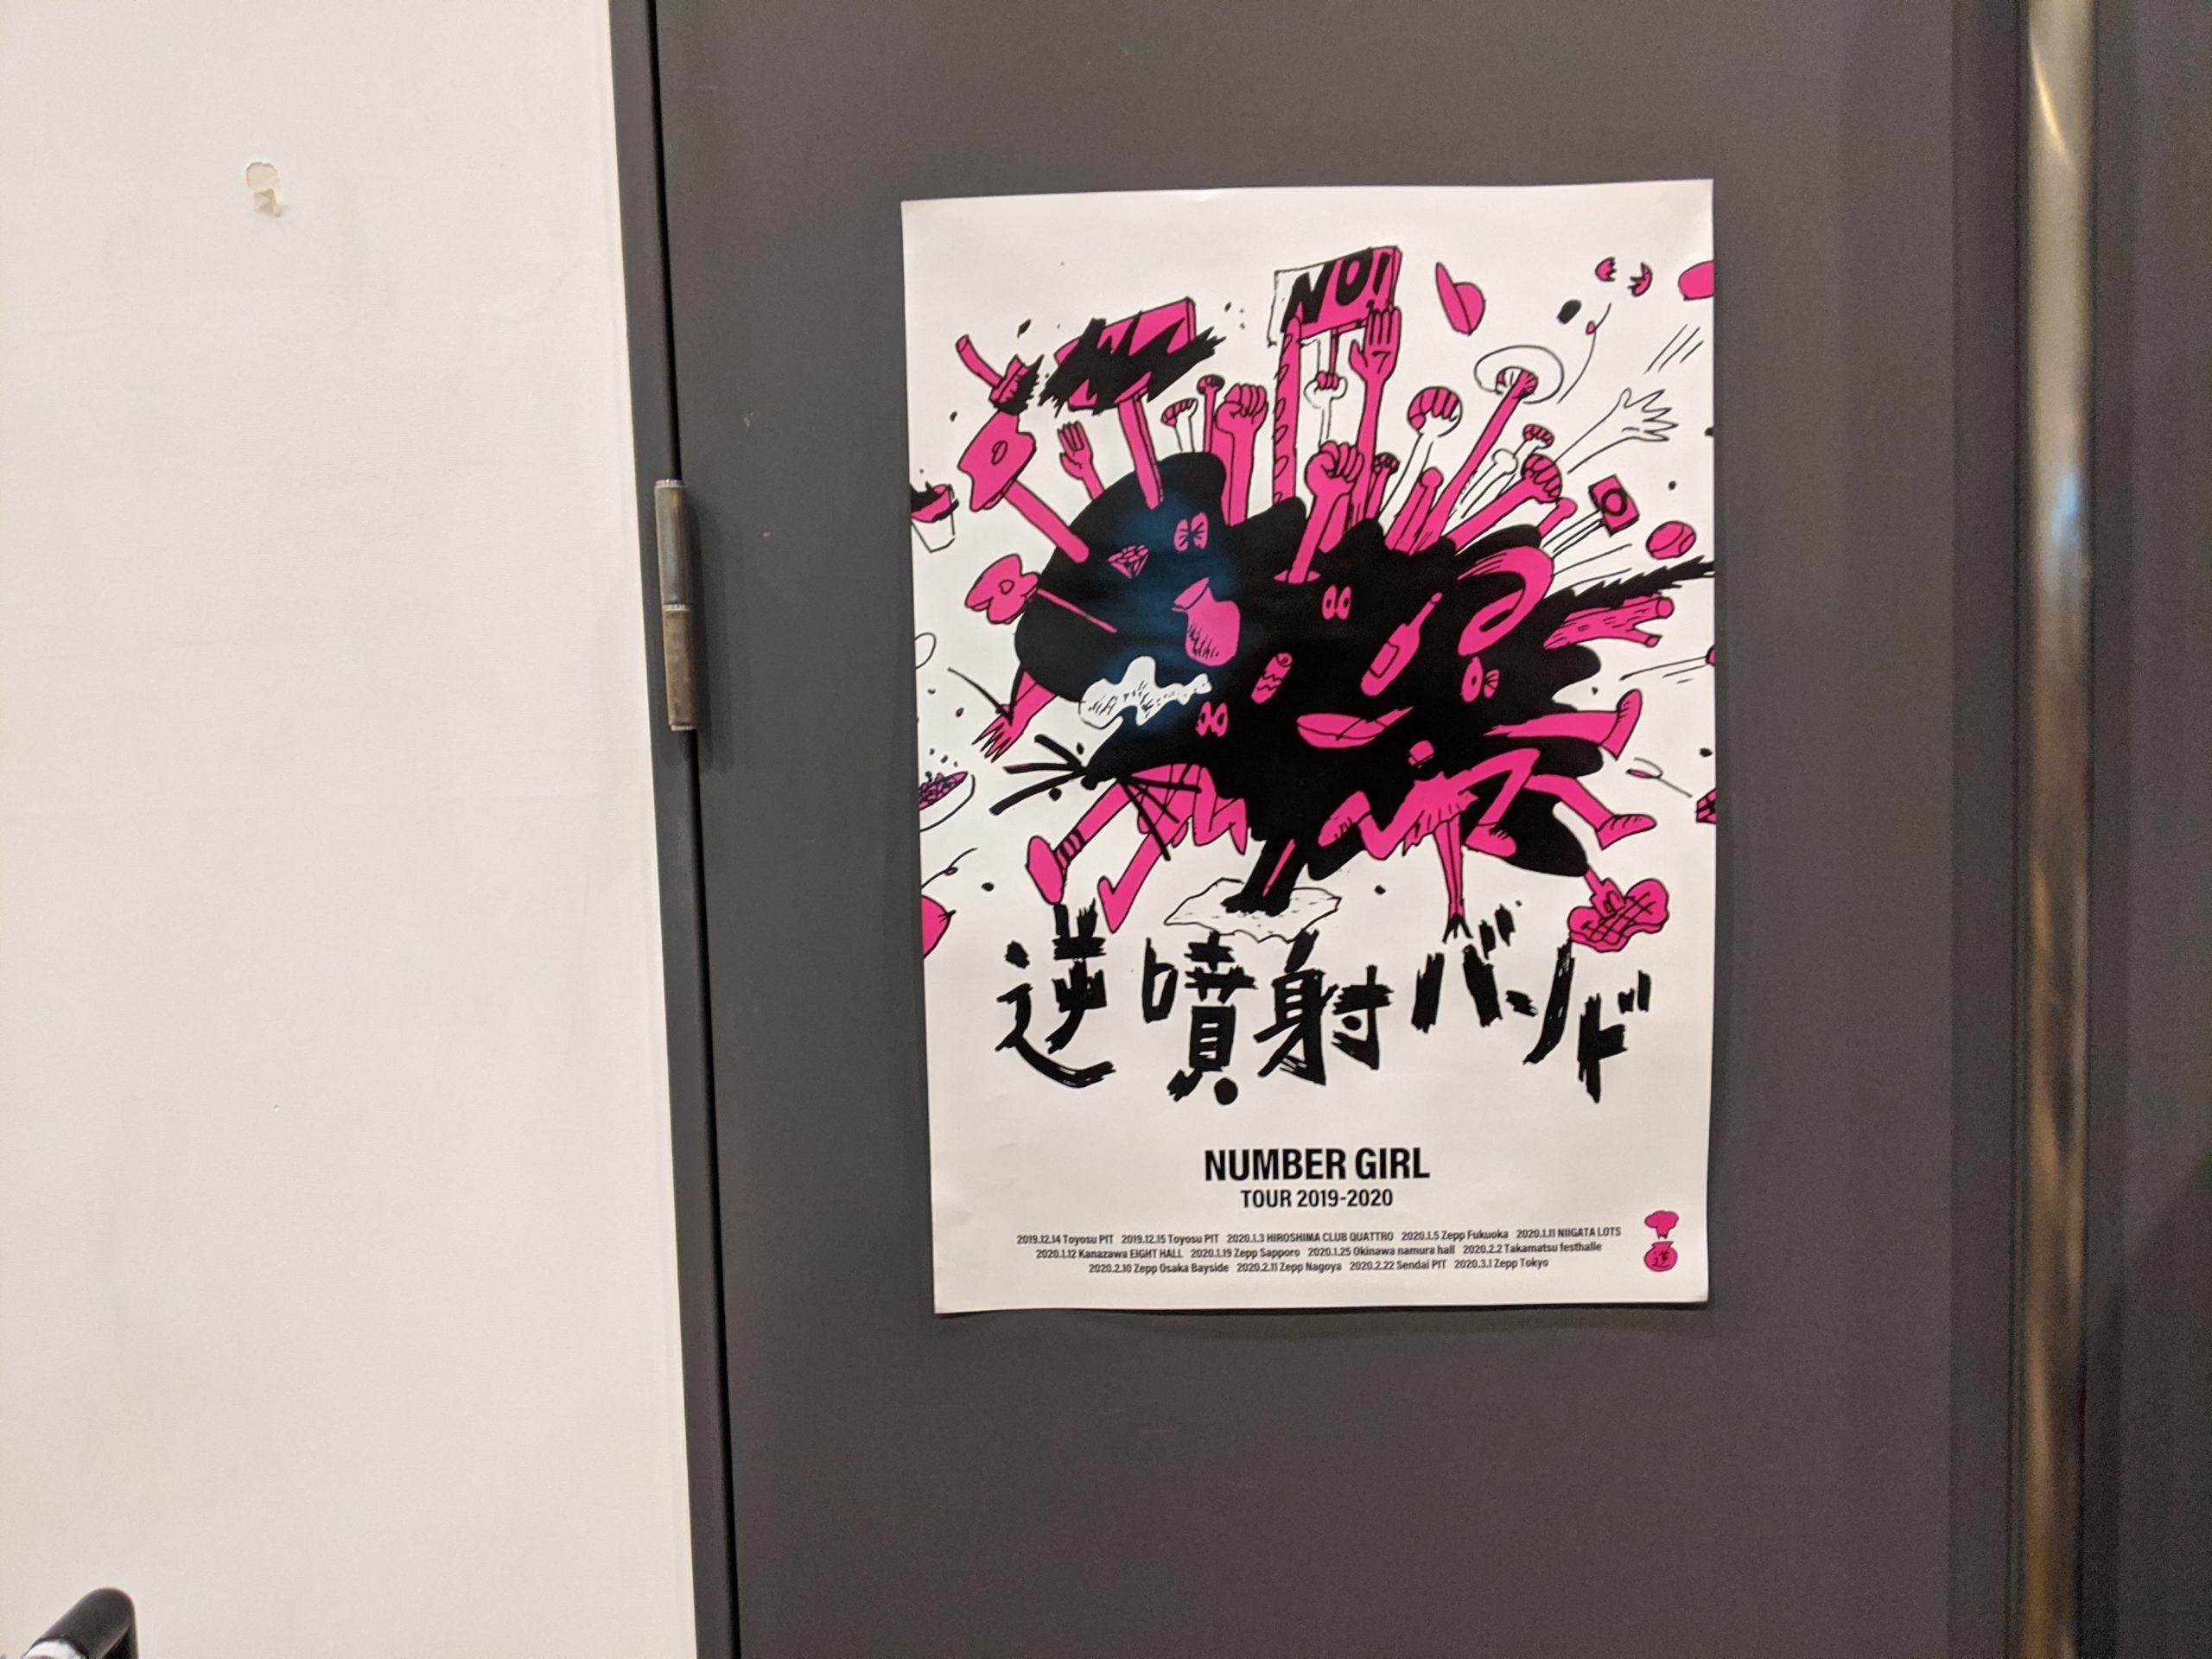 【実録】NUMBER GIRL TOUR 2019-2020『逆噴射バンド』@豊洲PIT 2日目のライブレポ セトリ付き